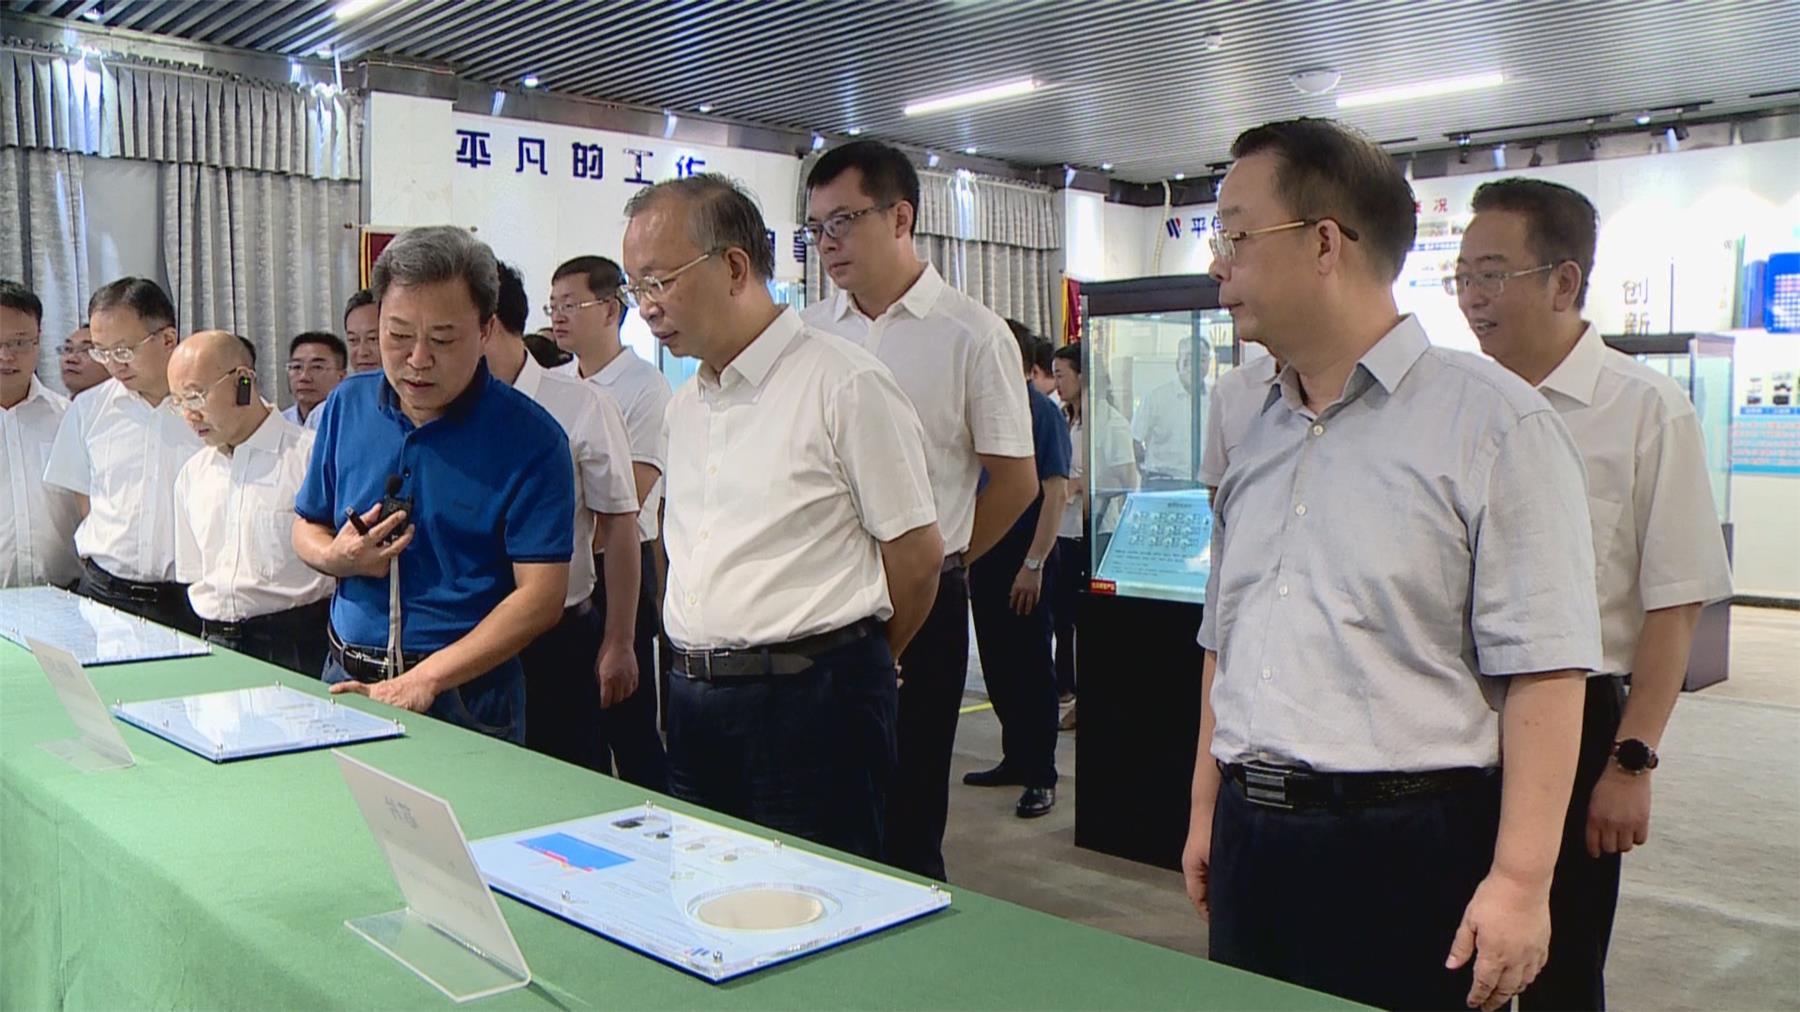 http://www.cqsybj.com/chongqingjingji/142586.html